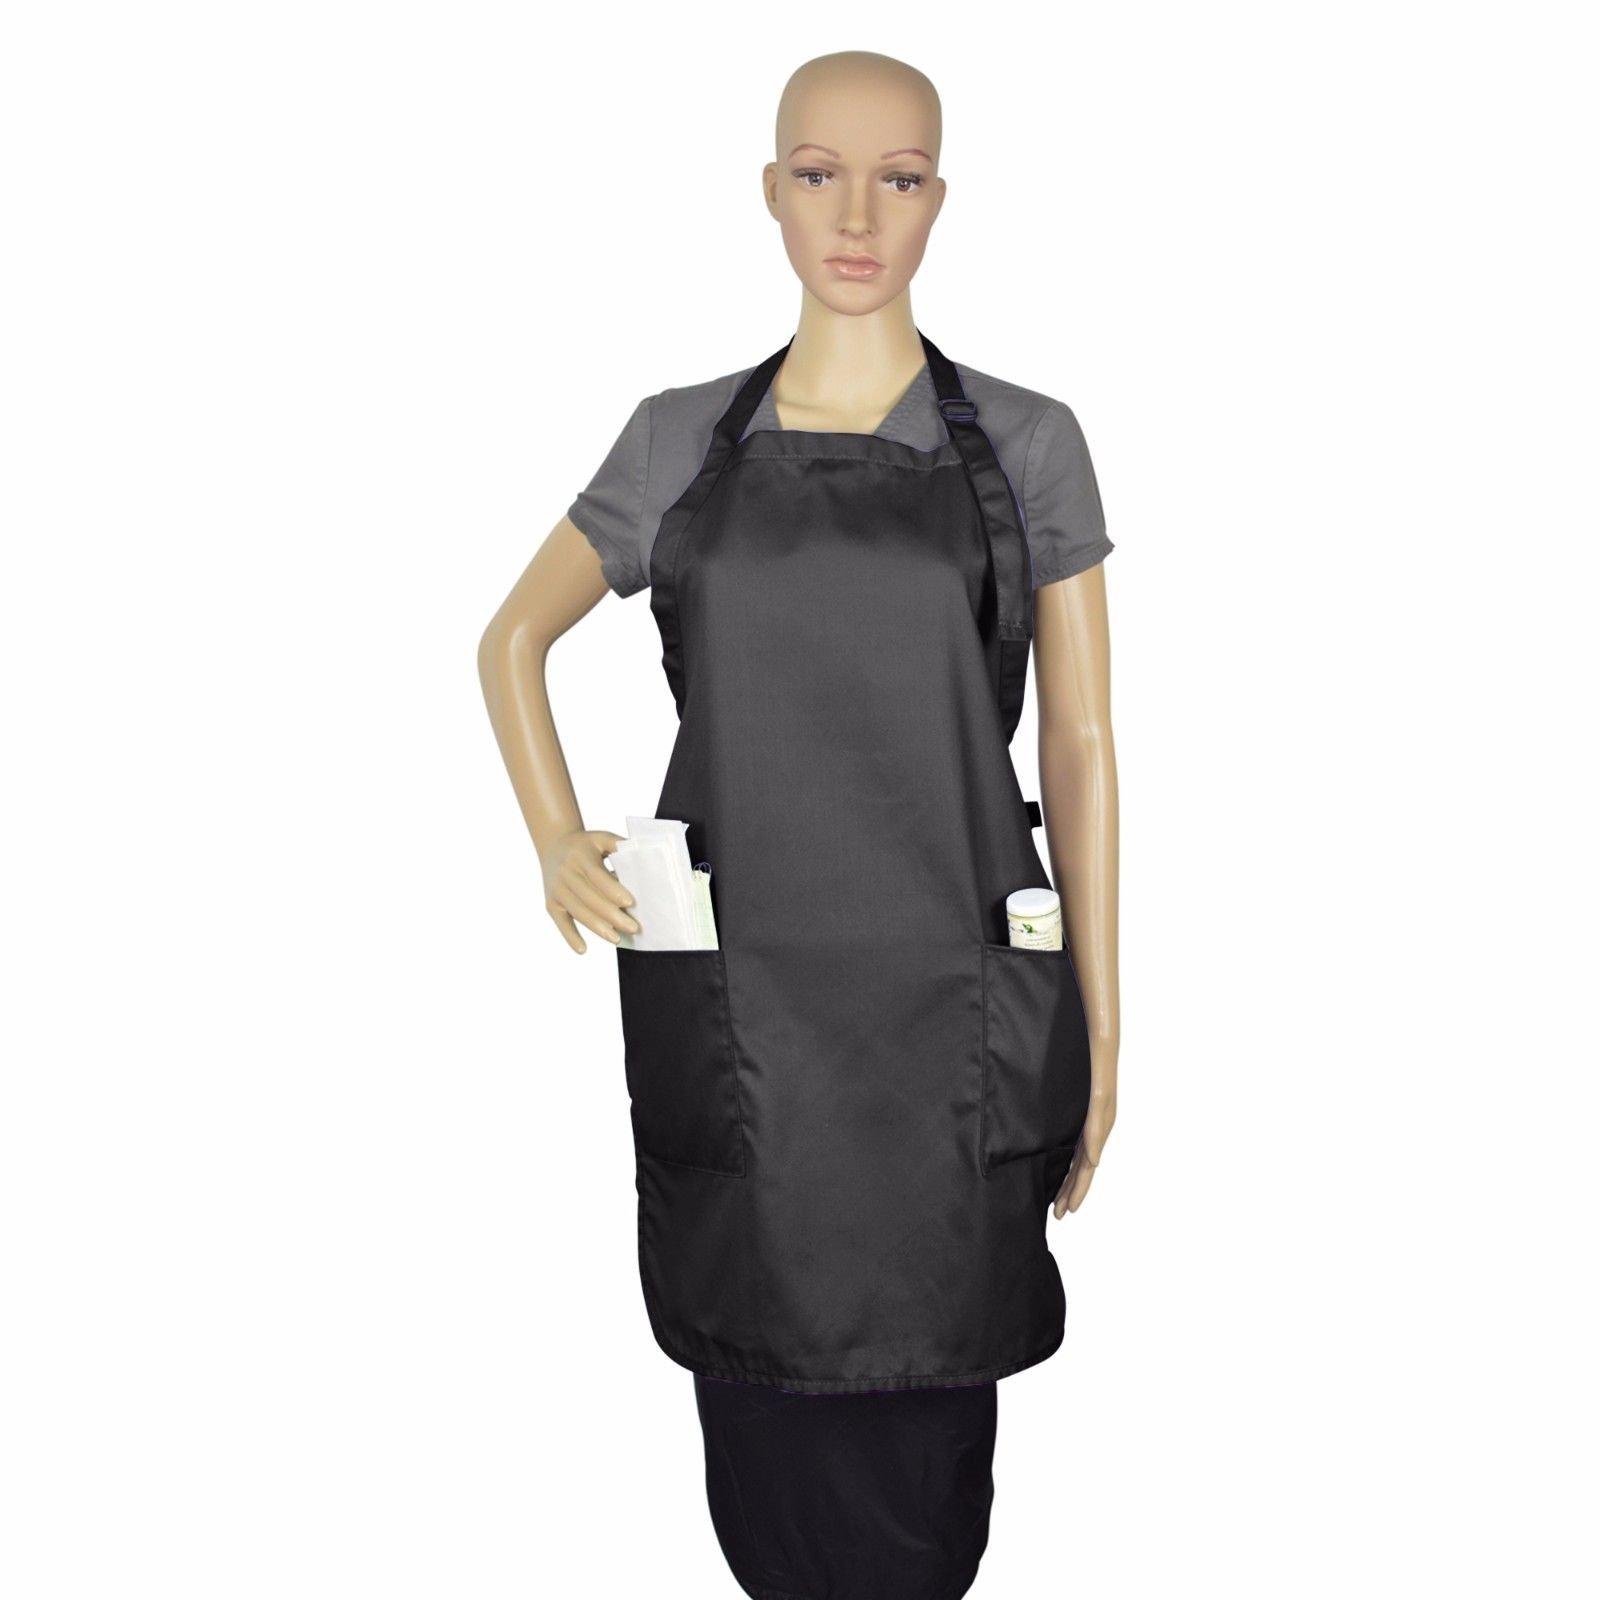 Apron Bib Commercial Restaurant Home Bib Spun Poly Cotton Kitchen Aprons (2 Pockets) (36, Black)